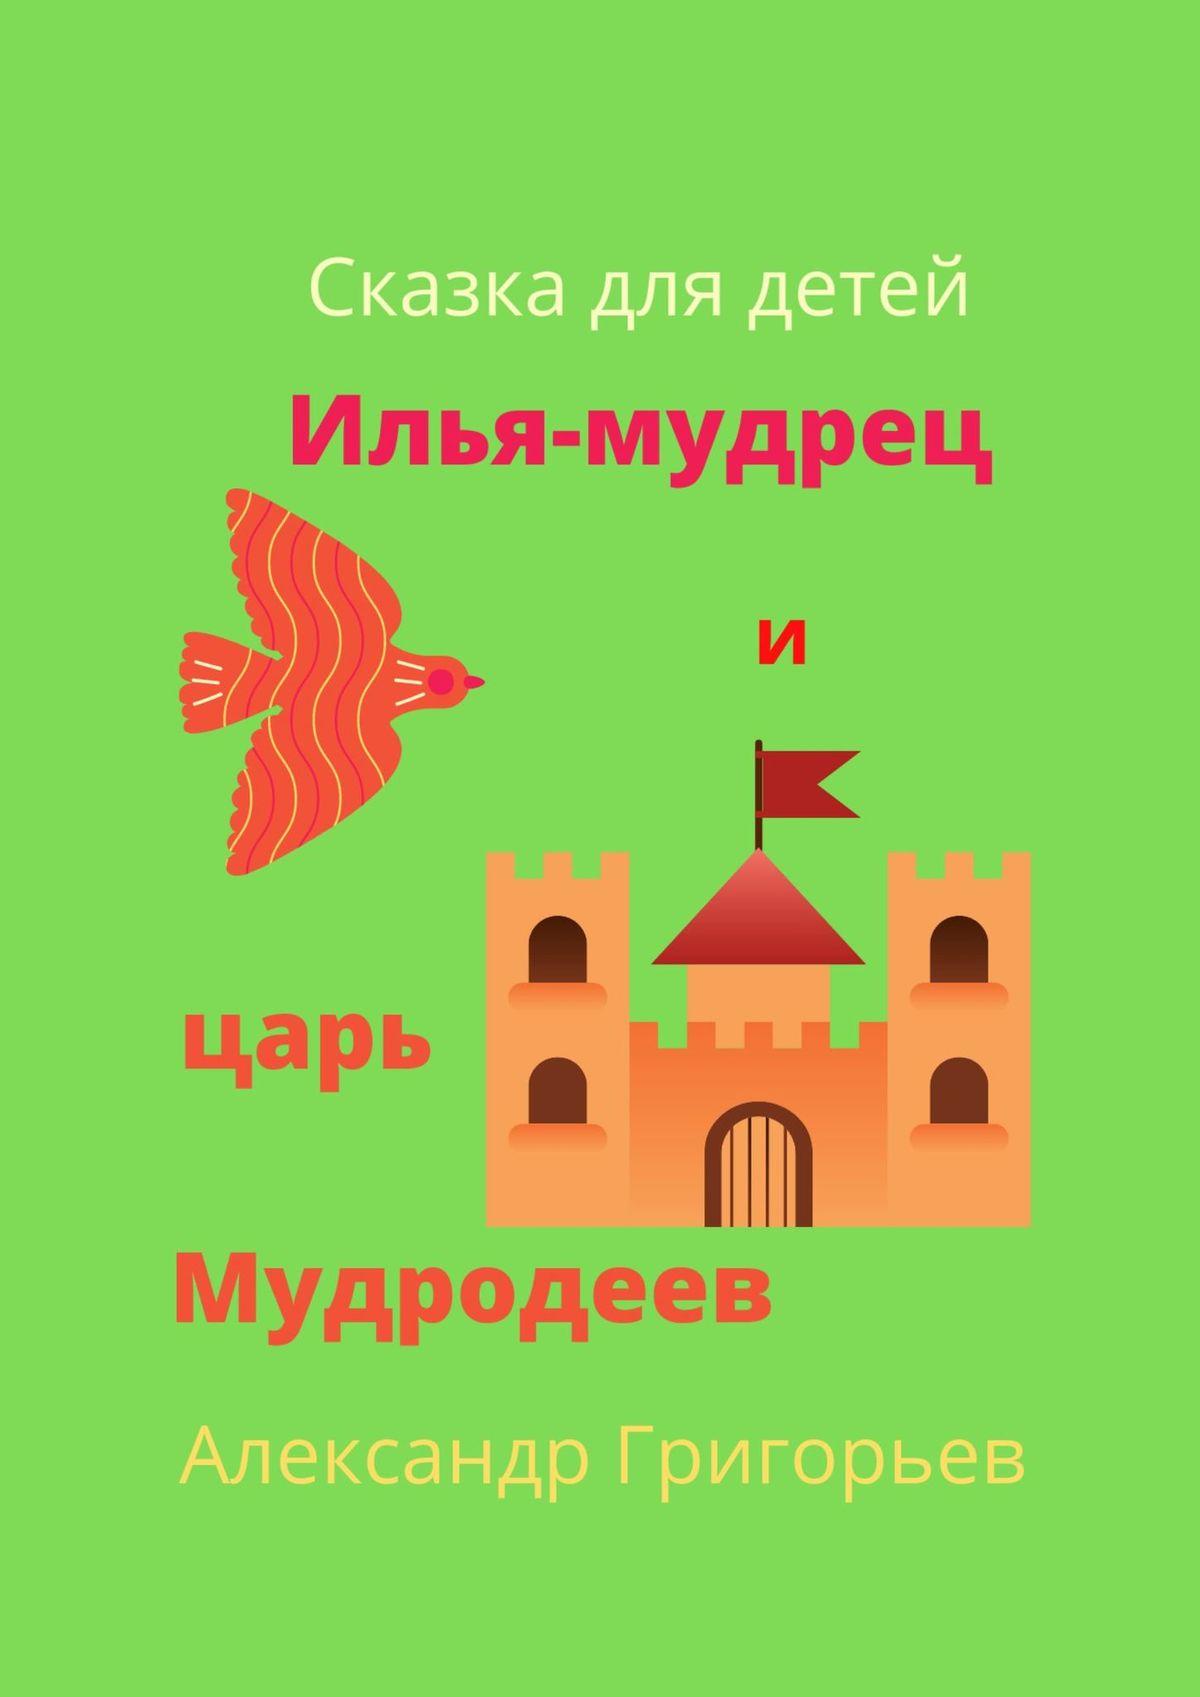 Илья-мудрец ицарь Мудродеев